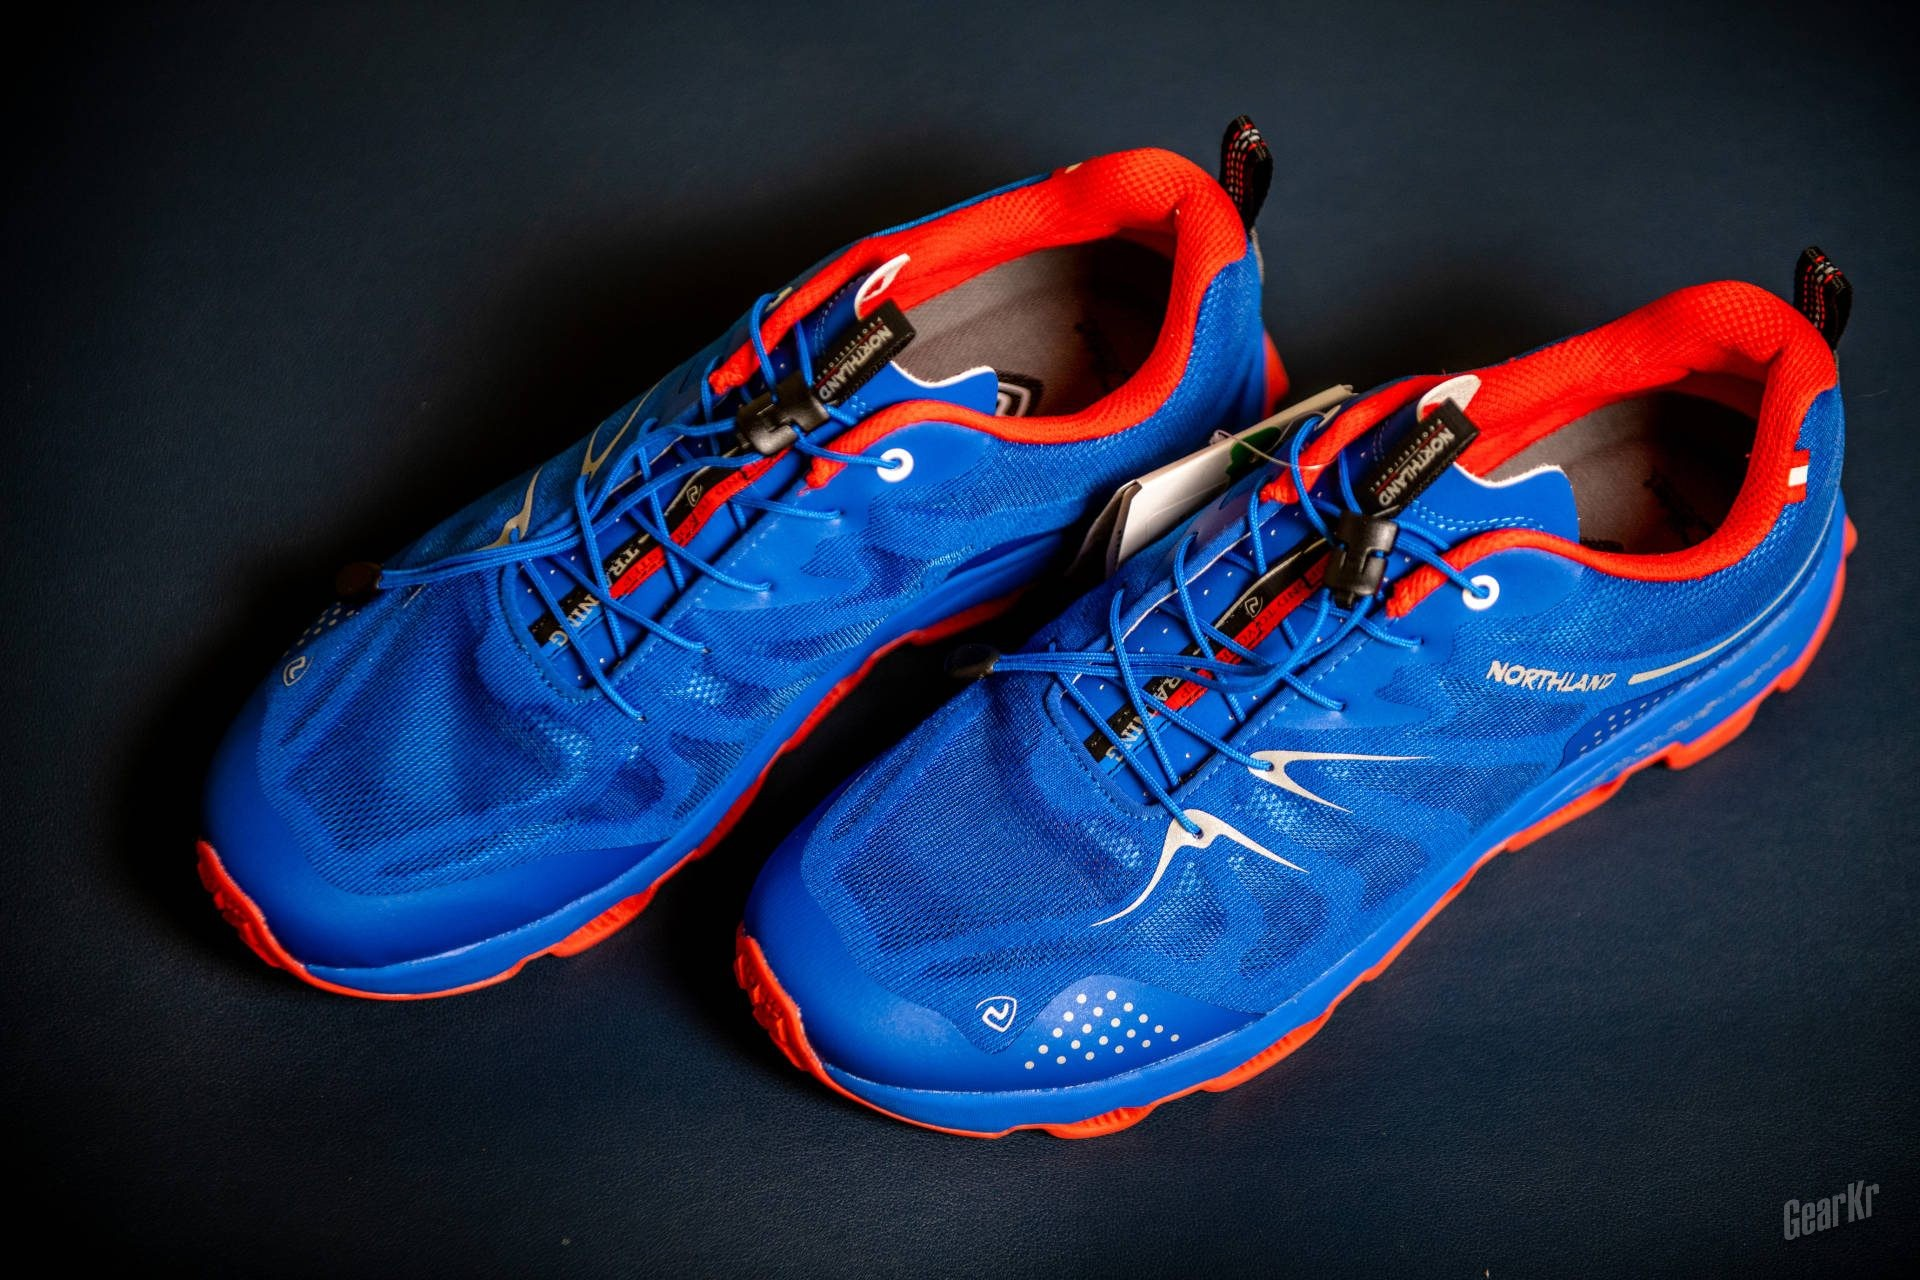 穿起来轻便透气,跑起来缓震舒爽——诺诗兰SKY 1.0 ECO跑鞋初体验